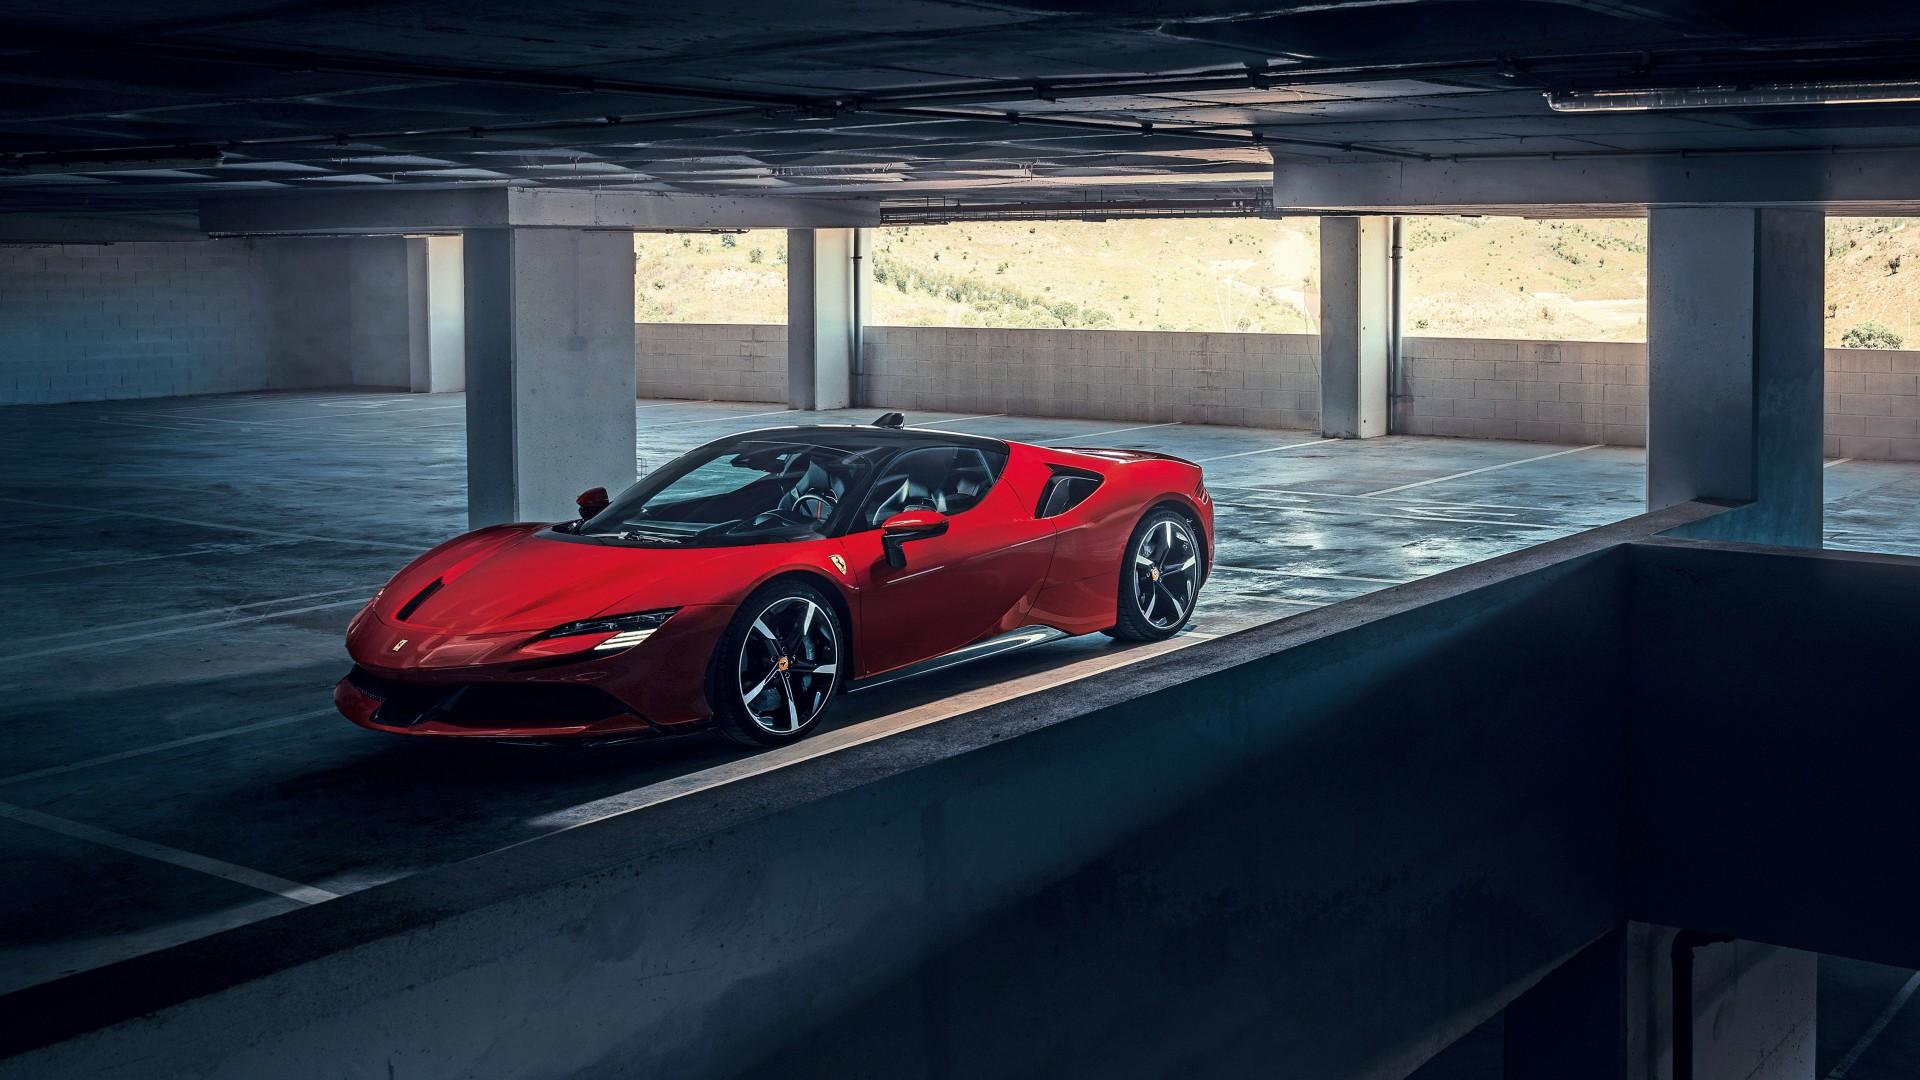 Audi Iphone X Wallpaper Ferrari Sf90 Stradale 2019 4k Wallpaper Hd Car